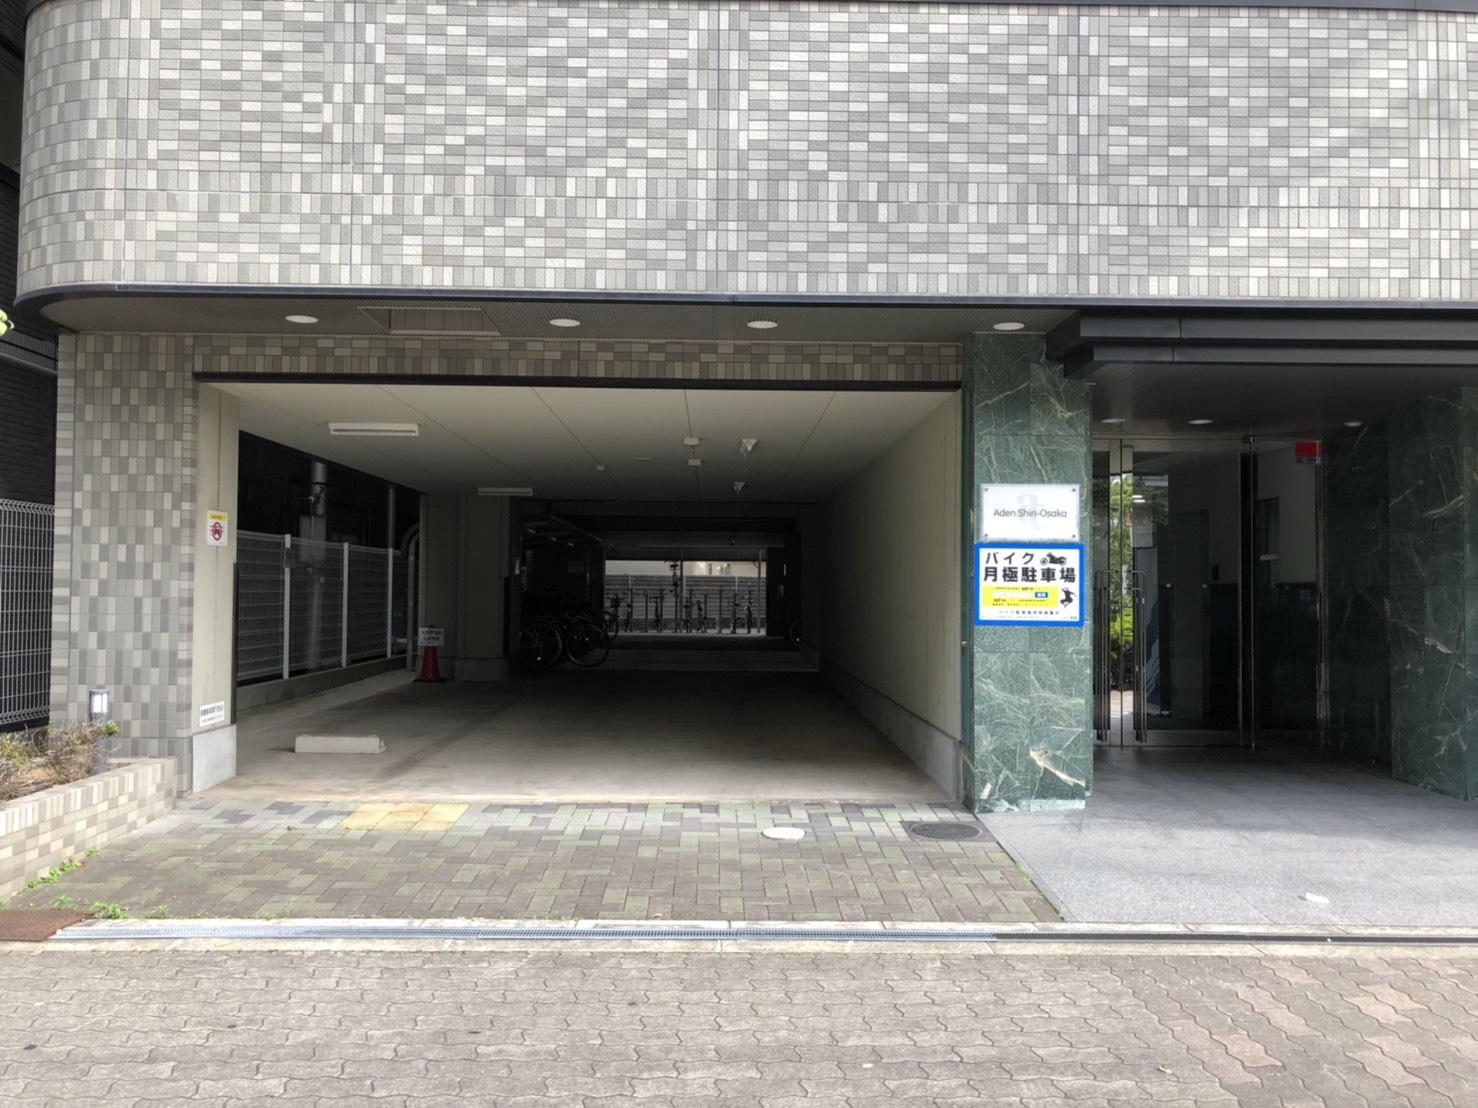 月極駐車場 アーデン新大阪の写真1